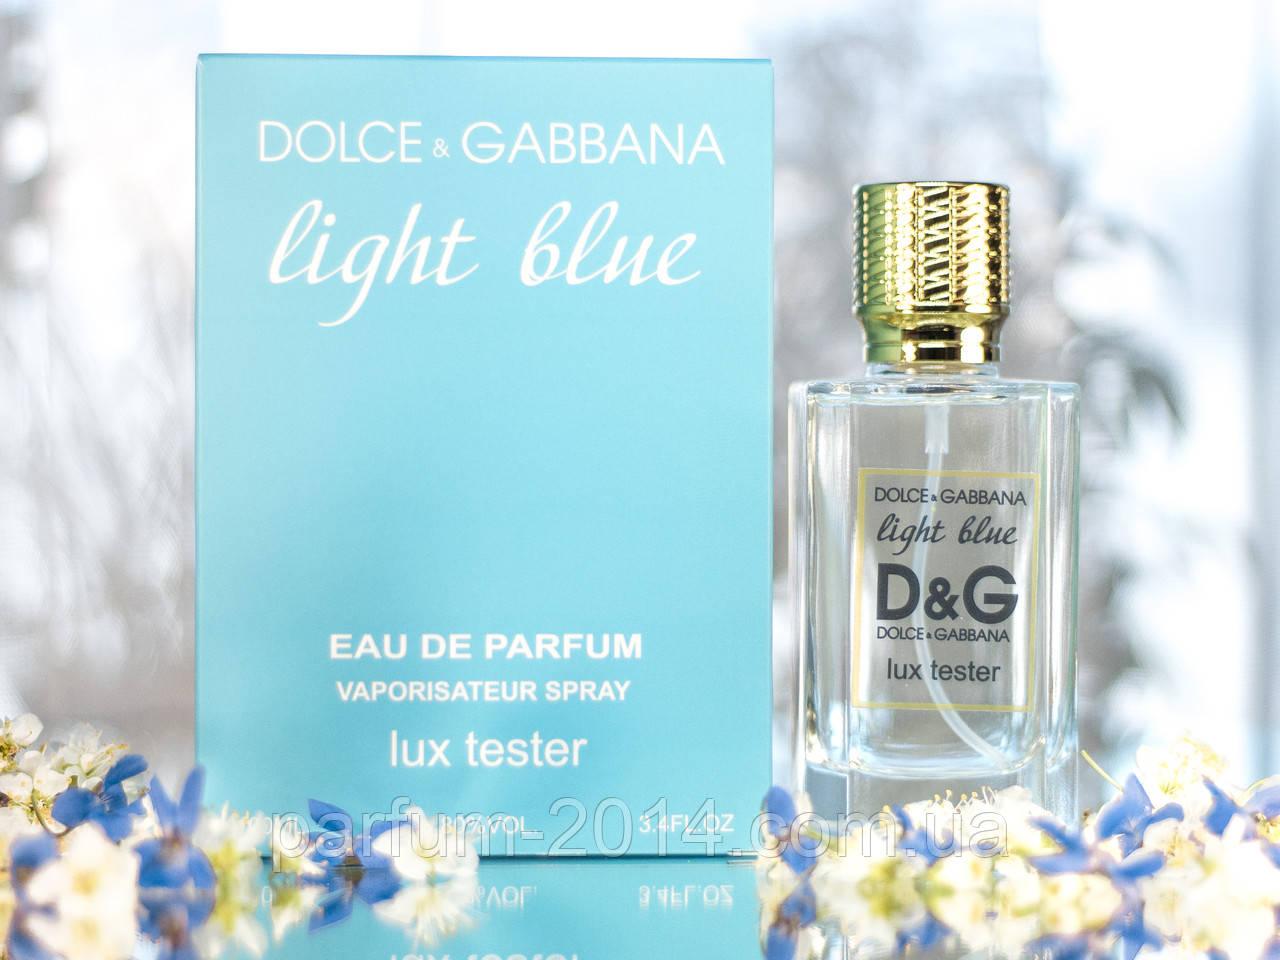 Жіночі парфуми Дольче габбана лайт блю Dolce & Gabbana Light Blue pour femme 100 ml (осіб) парфум тетерів tester